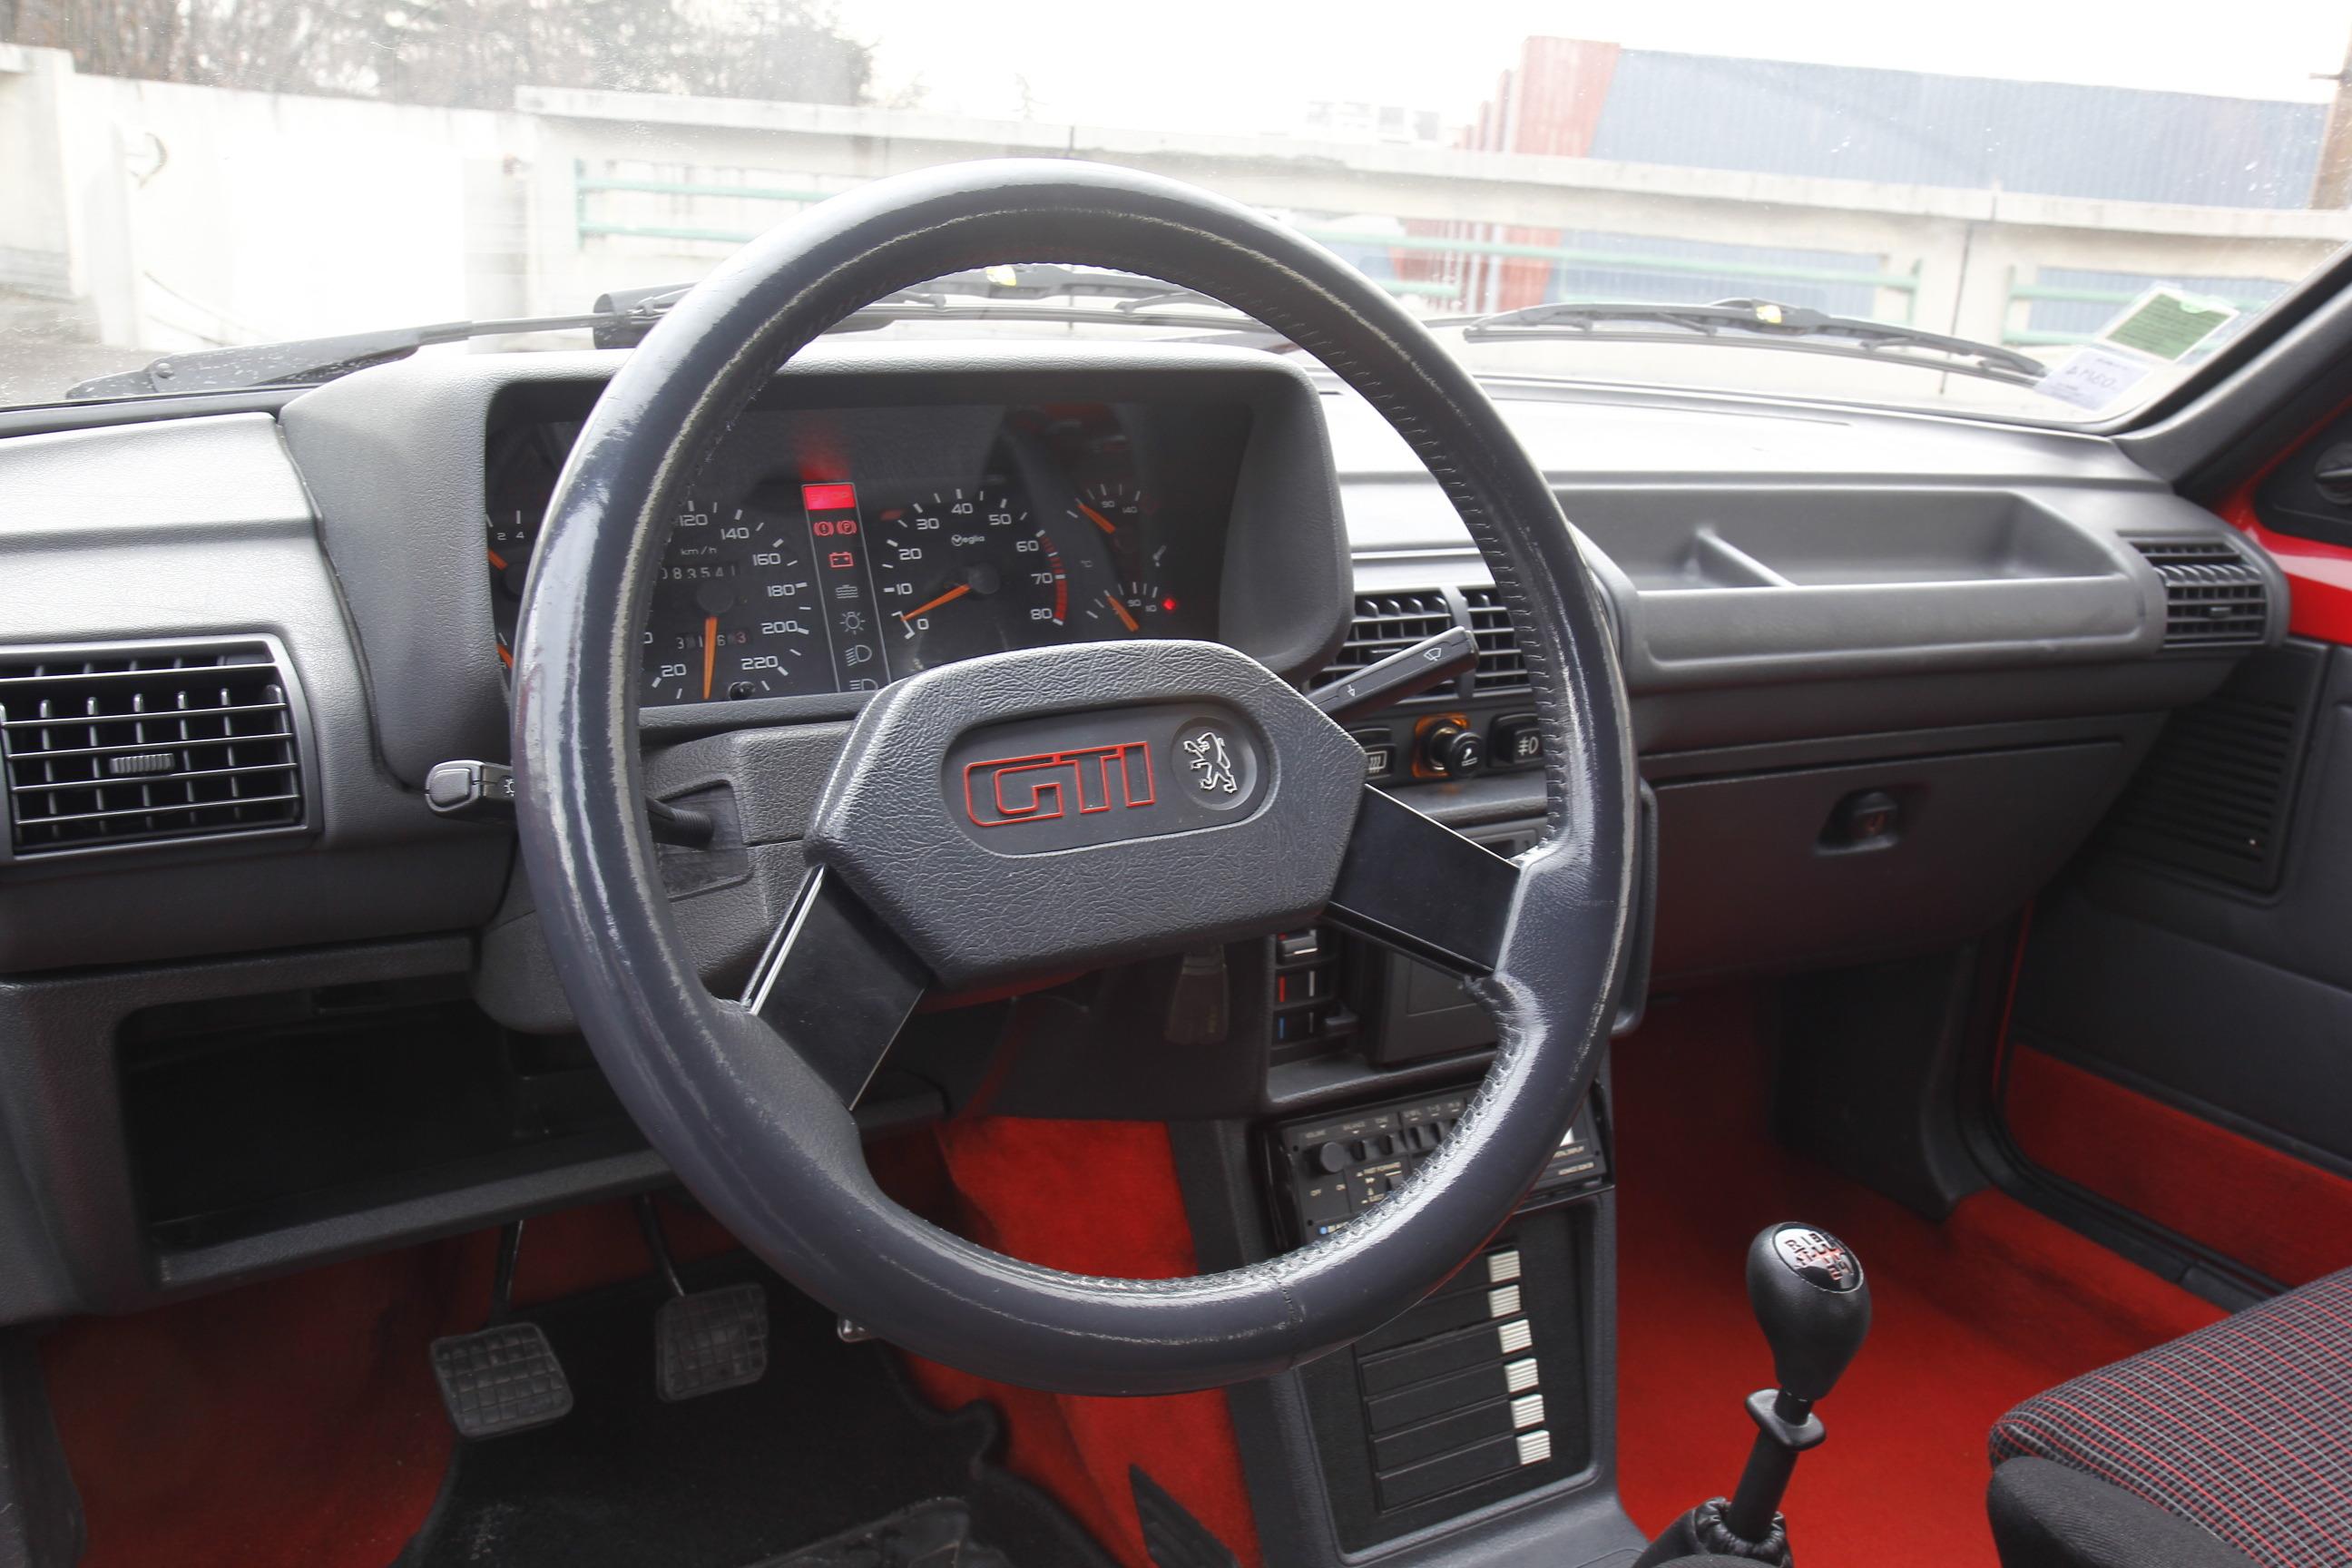 Peugeot 205 gti un mythe encore accessible conseils d for Interieur 205 gti